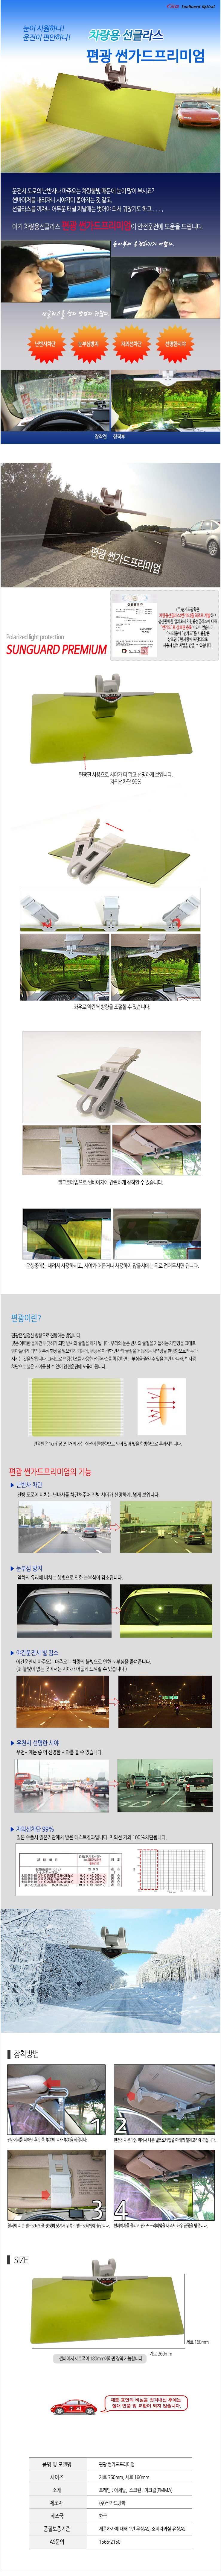 썬가드광학 편광네오프리미엄 썬바이져 차량용 썬글라스 눈부심방지 시야보호 - 썬가드, 29,000원, 자동차용품, 기타용품